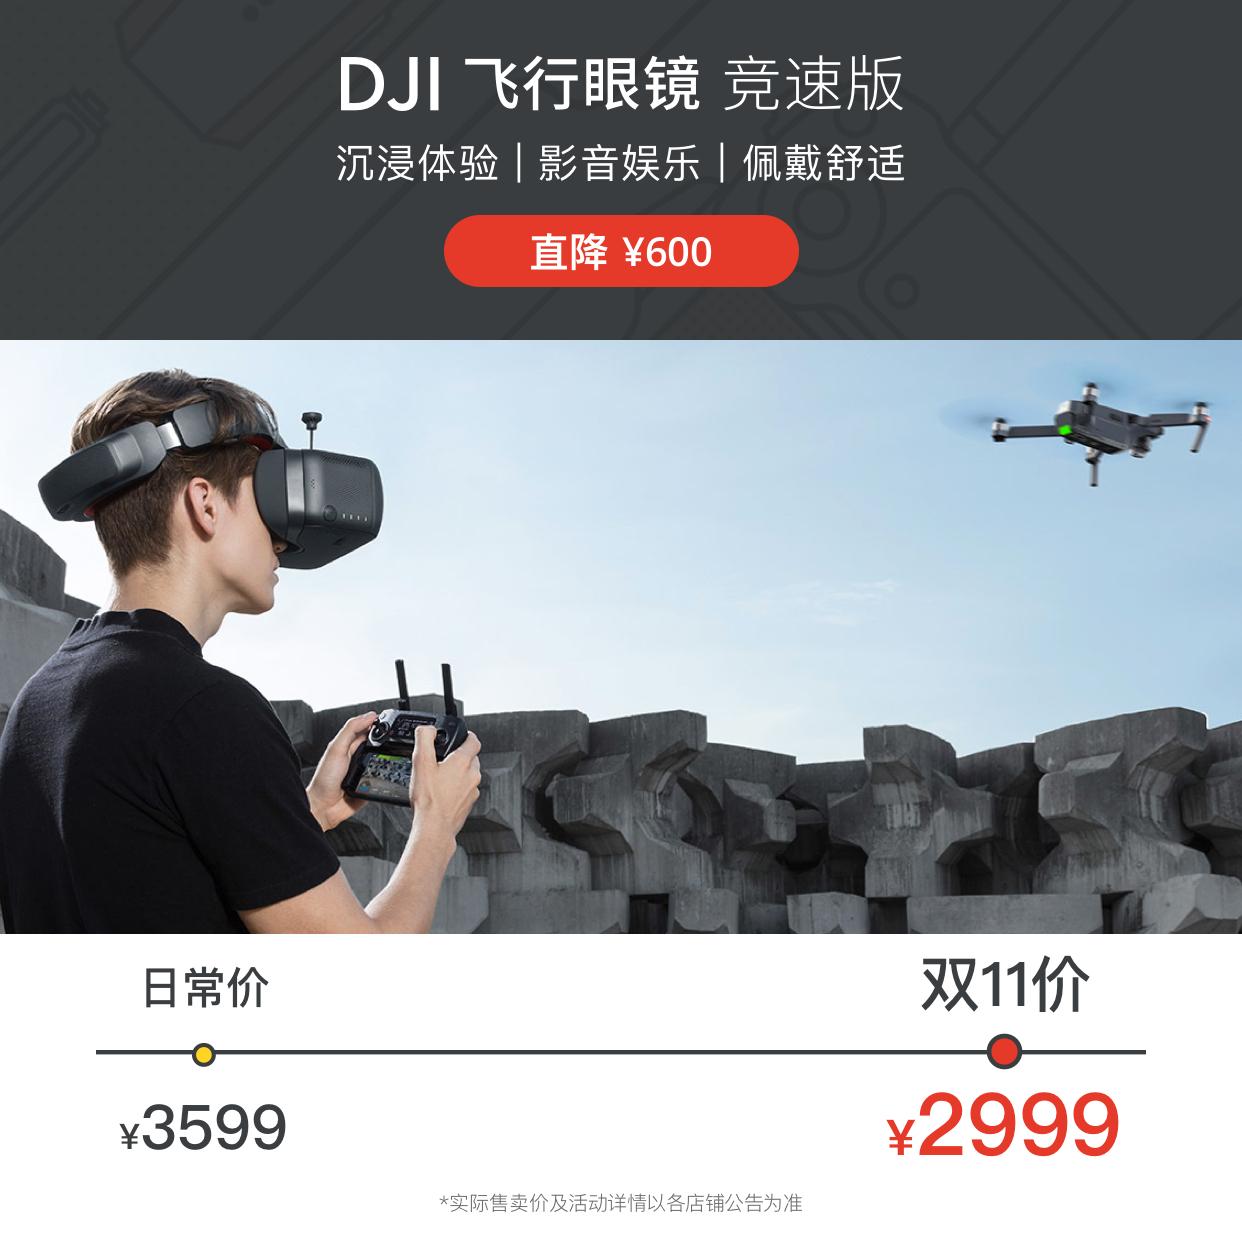 Goggles 飞行眼镜竞速版.jpg